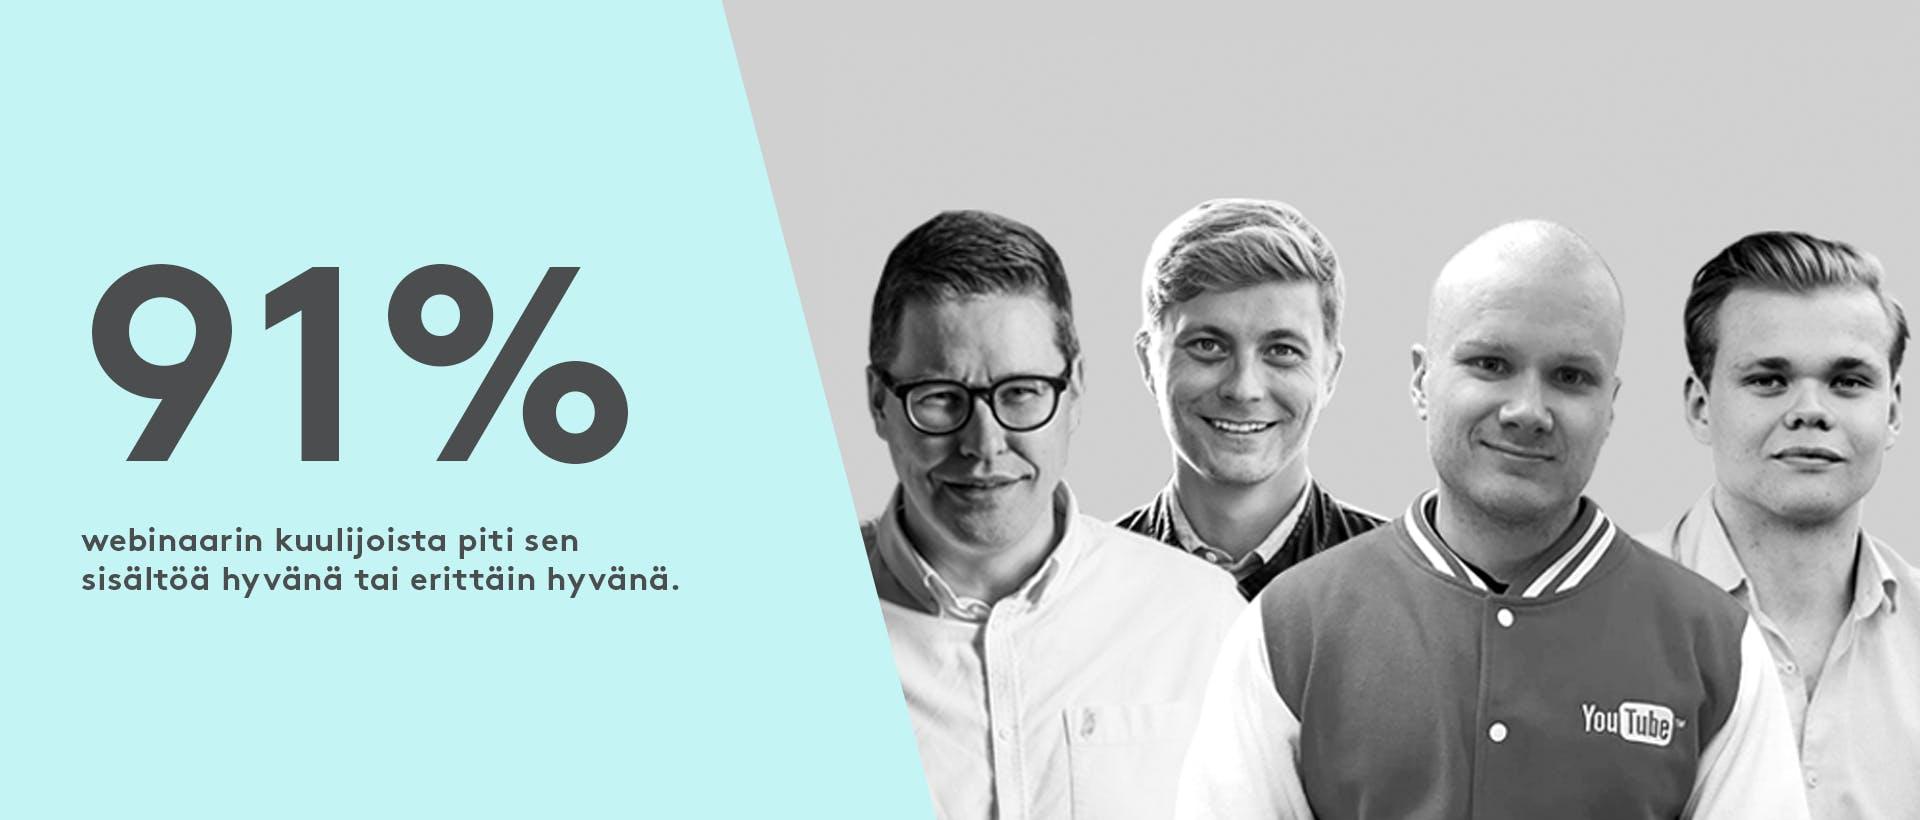 Webinaarin puhujat Lauri Vuohensilta, Matti Perkkiö, Akusti Niskanen ja Sami Suhonen